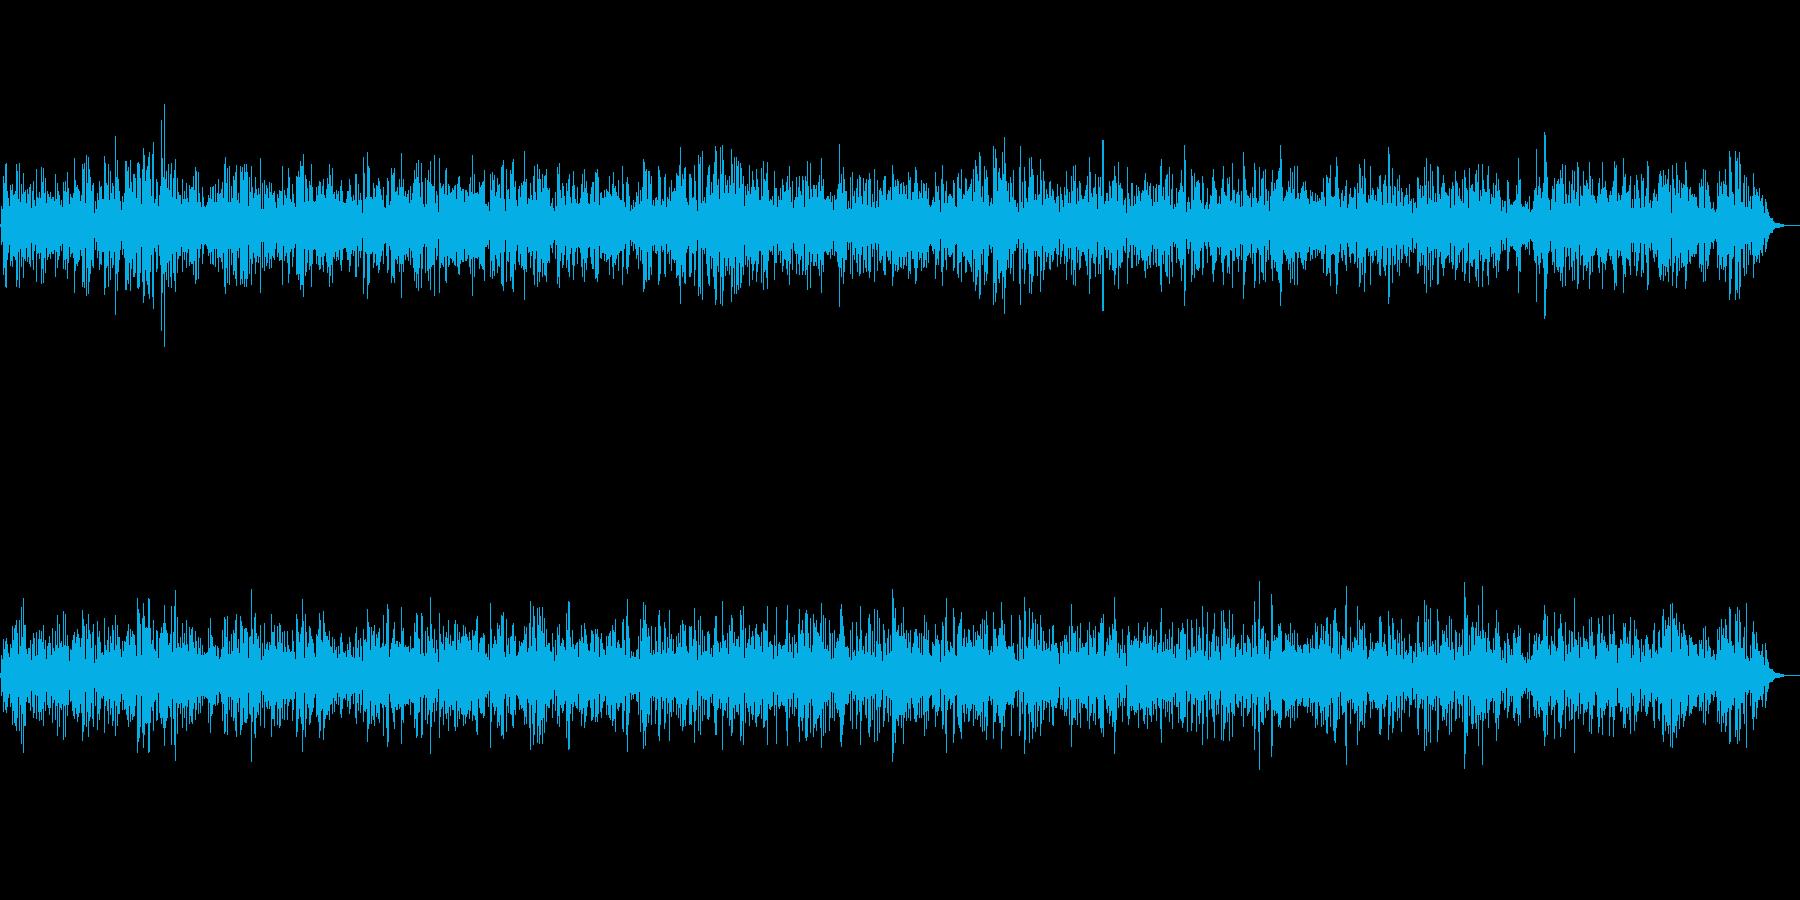 カフェで流れるお洒落なピアノジャズBGMの再生済みの波形